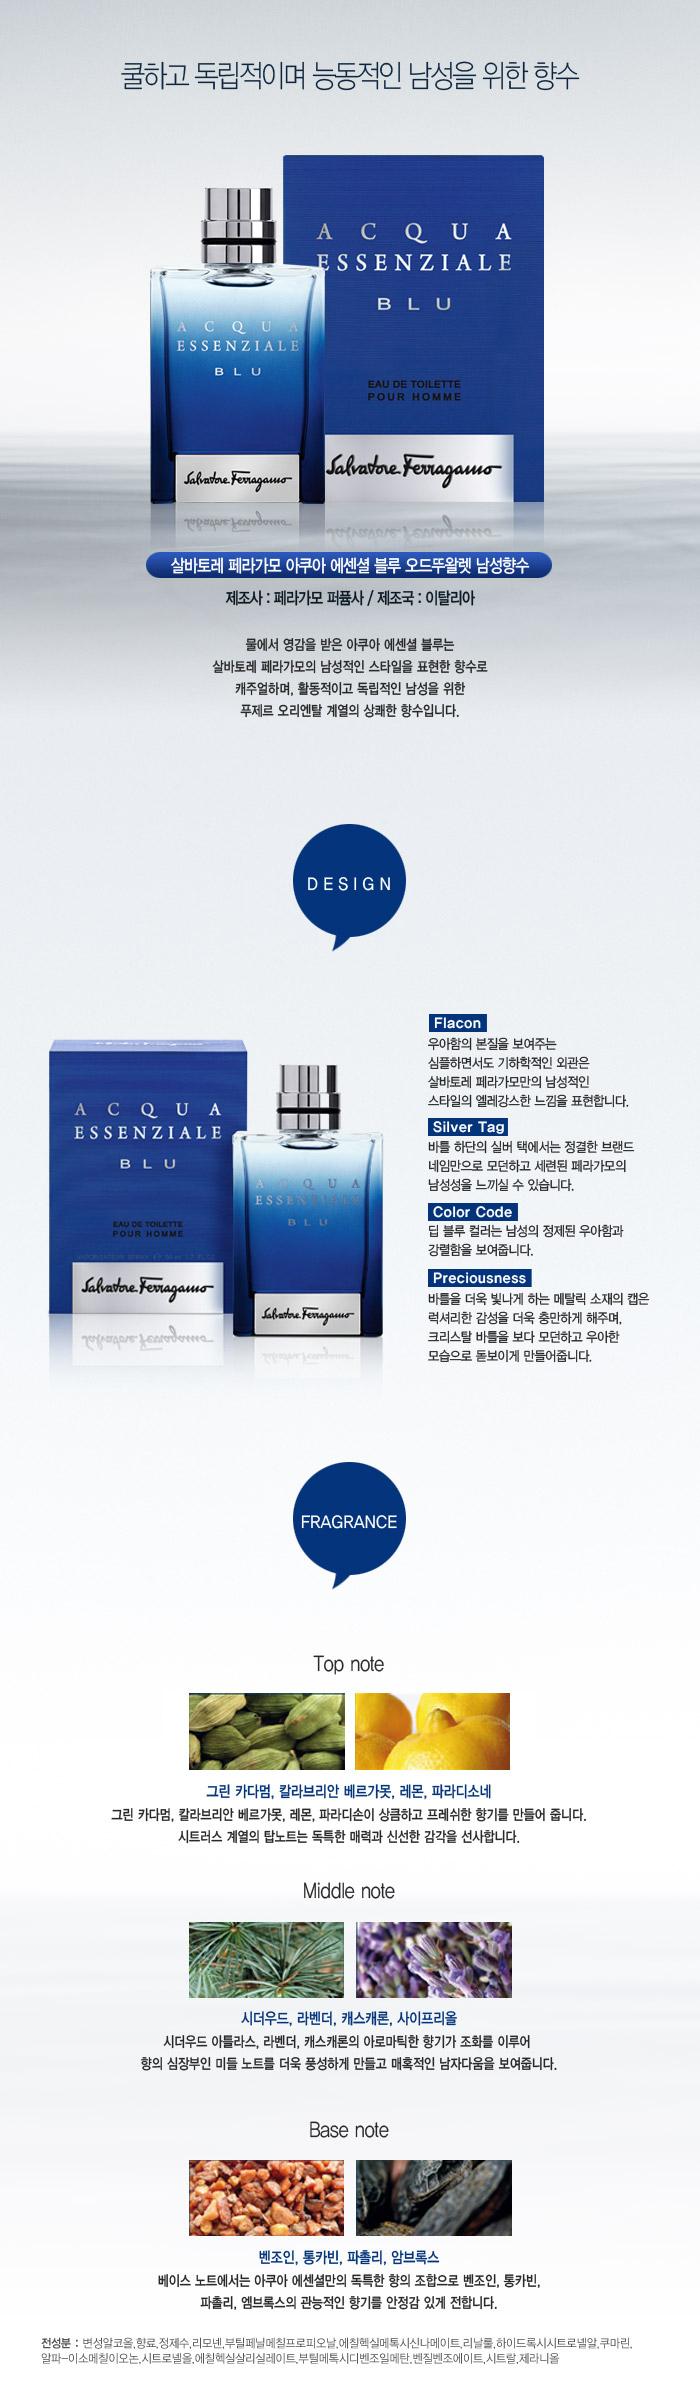 [페레가모] 아쿠아 에센셜 블루 옴므 30ml 특가행사+캘빈클라인 씨케이 원 15ml 향수 증정